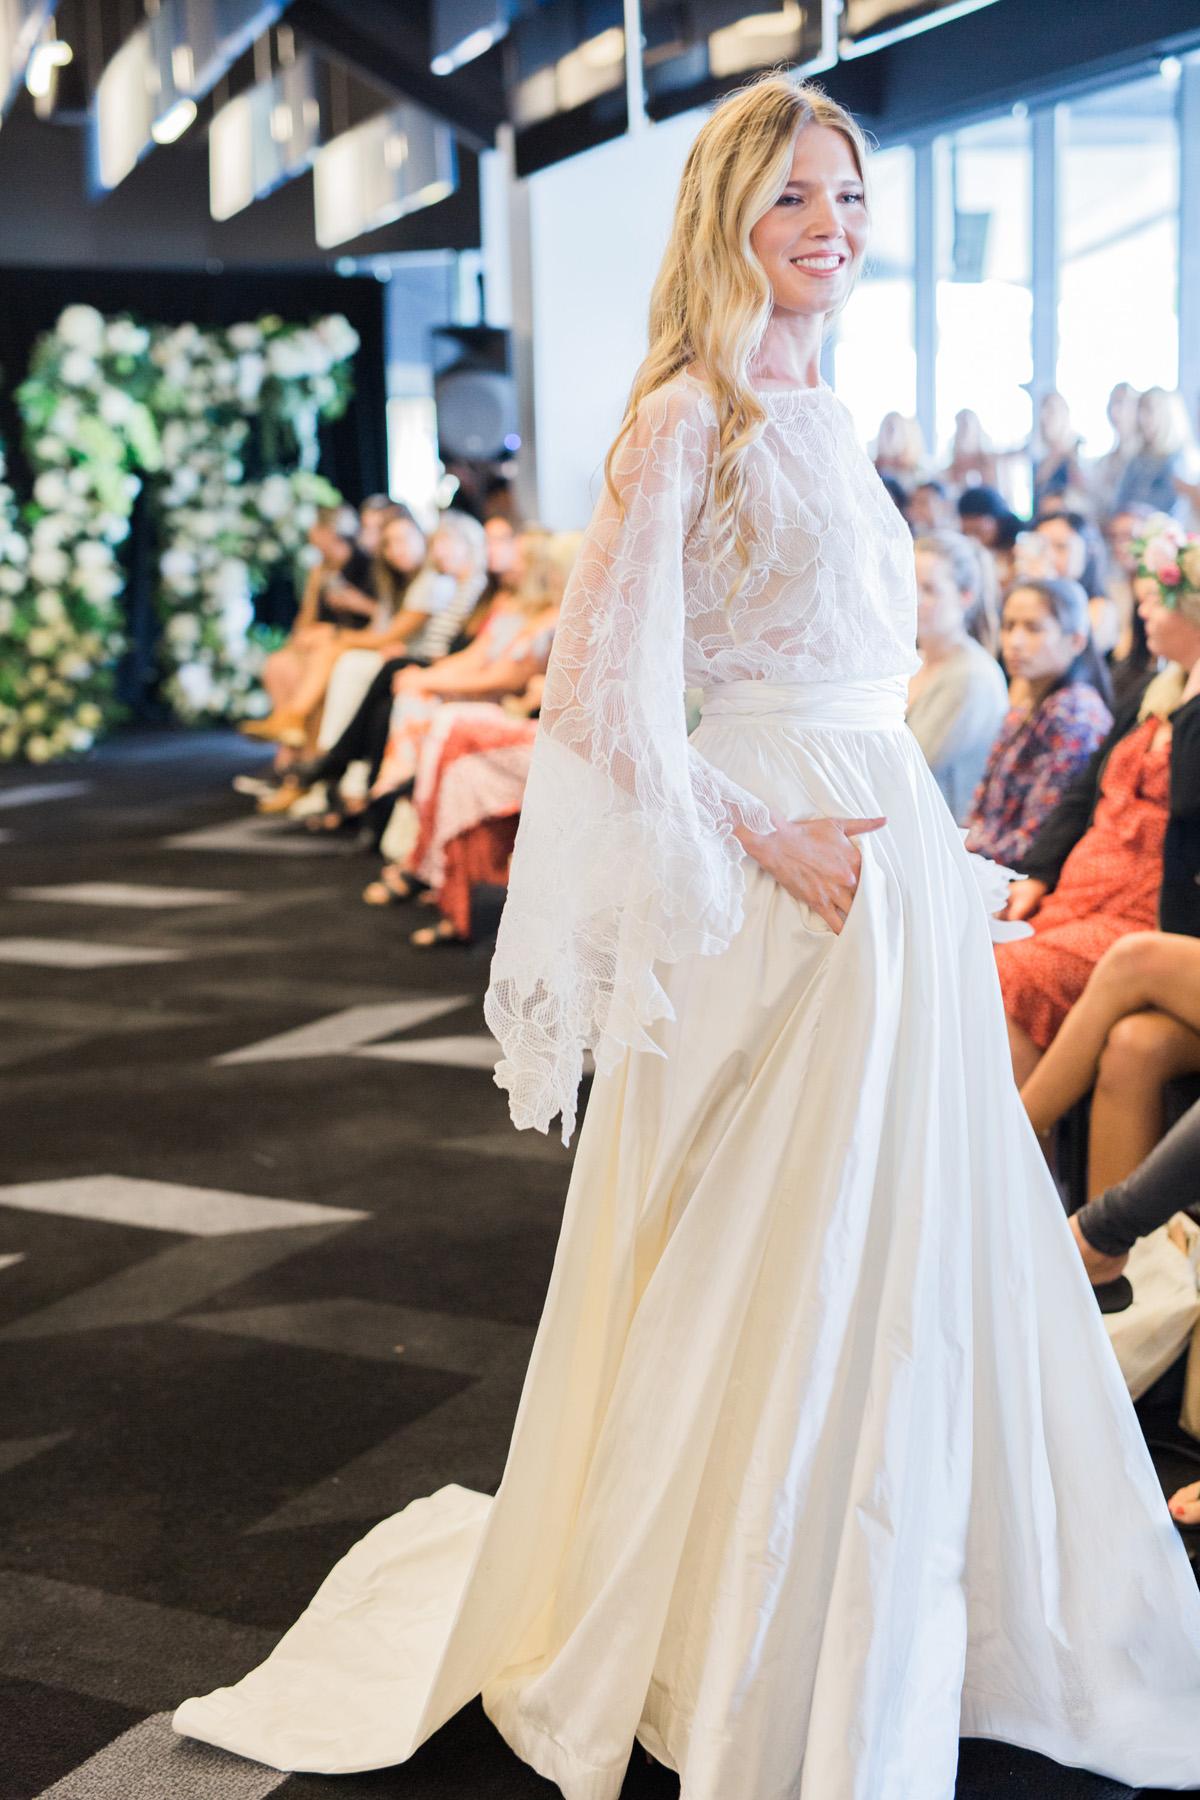 Love-Wedding-Festival-Sydney-Wedding-Gown-Angela-Osagie-32.jpg